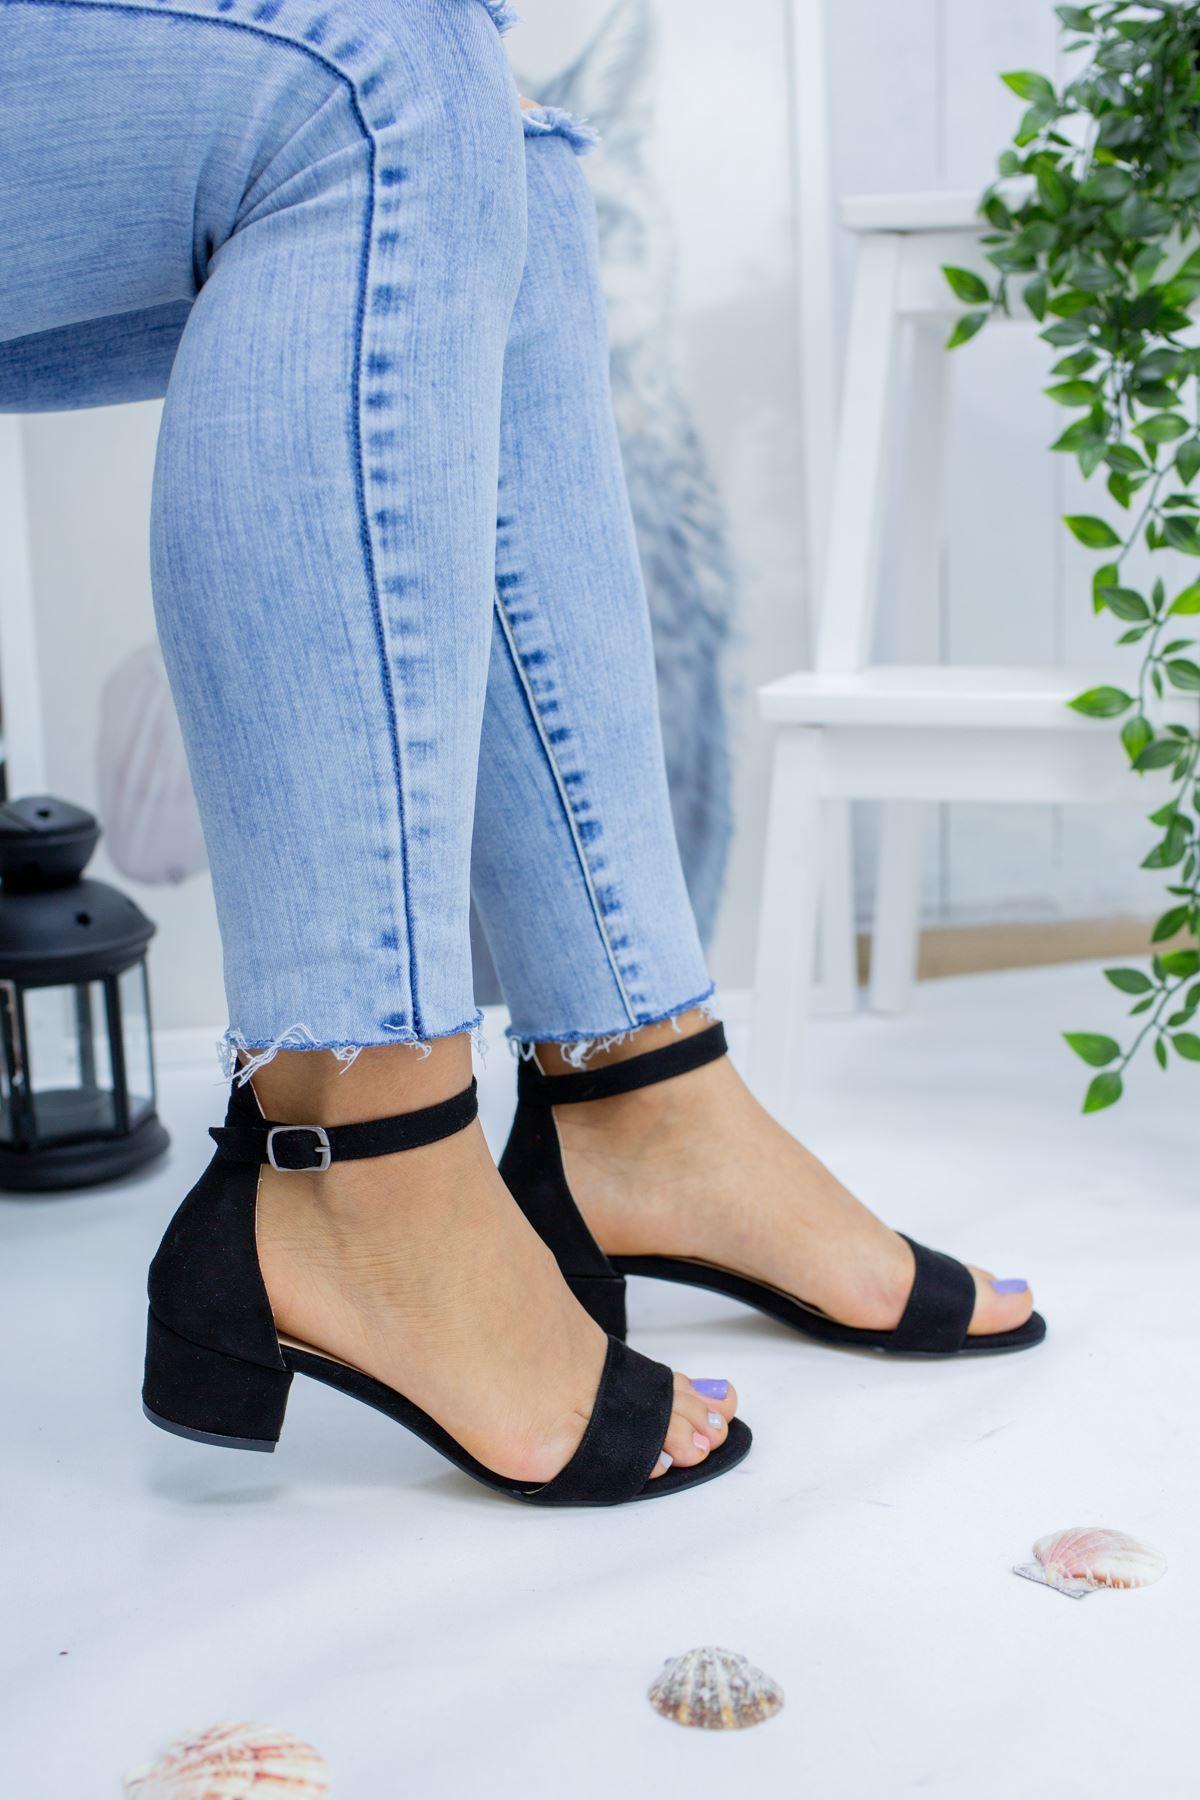 Diana Siyah Süet Kadın Topuklu Ayakkabı